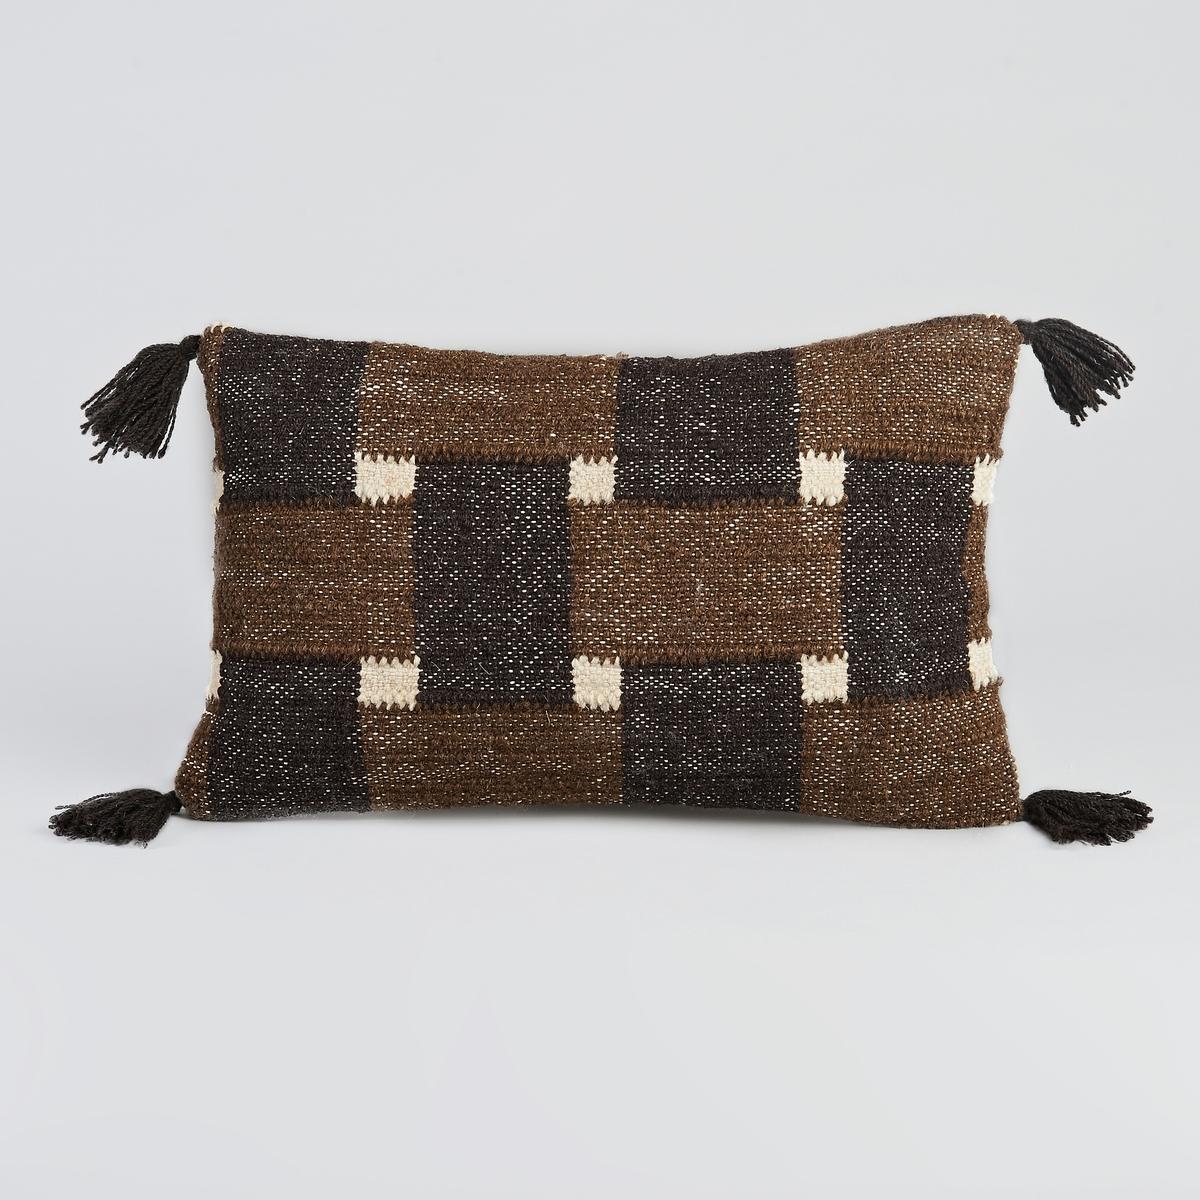 Чехол для подушки LivillaЧехол для подушки Livilla. Черно-зеленый рисунок. 70% шерсти, 20% хлопка, 10% других волокон, спинка из 100% хлопка. Скрытая застежка на молнию. Размеры. 50 x 30 см. Подушка продается на сайте отдельно.<br><br>Цвет: черный/ хаки